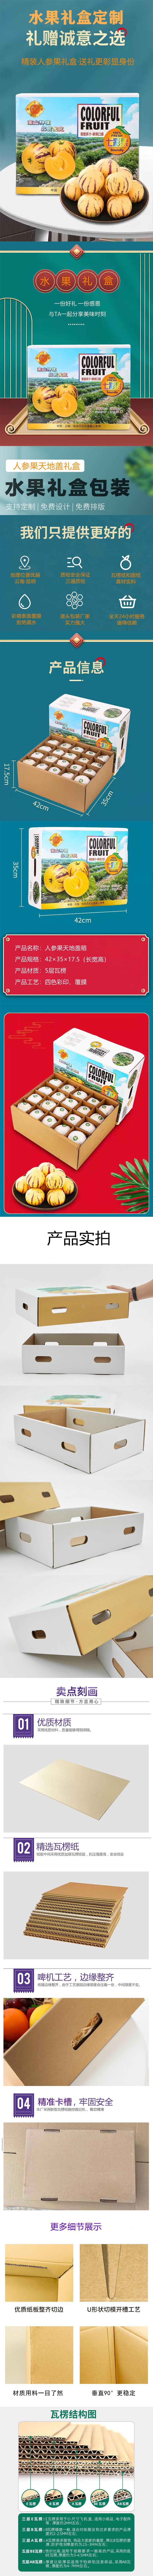 人参果礼盒